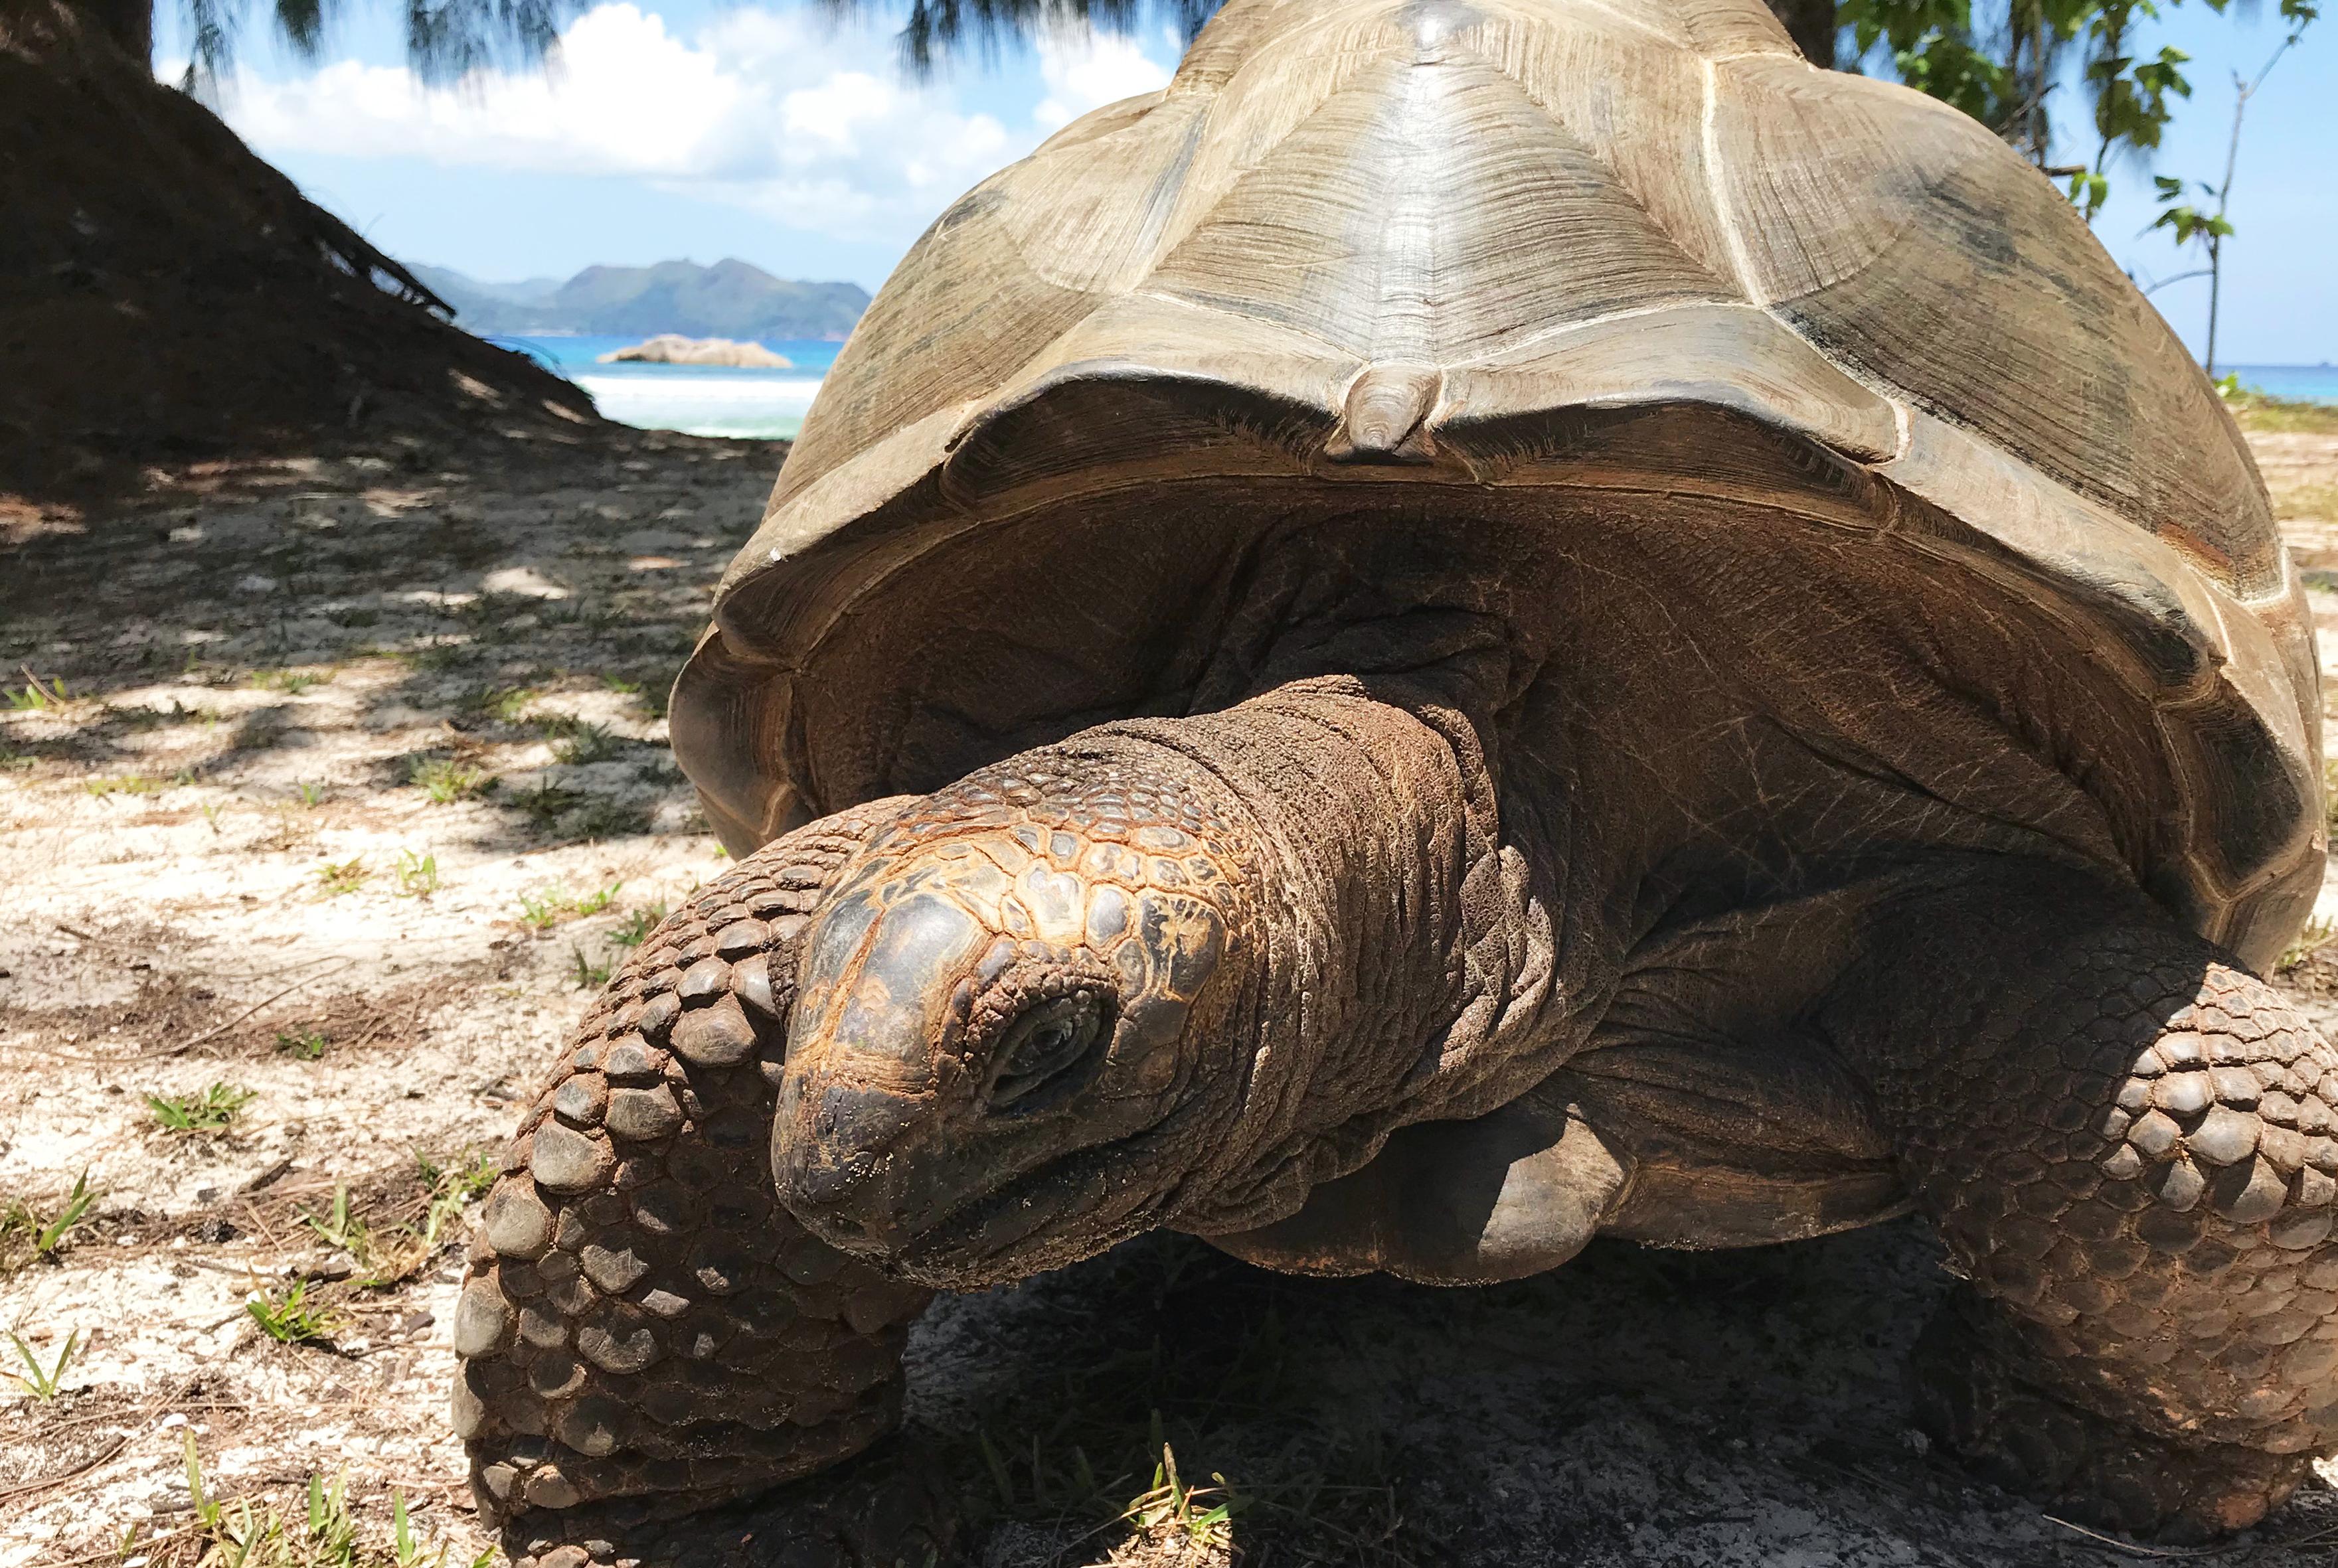 Лучший пляж в мире, черепахи и кокосовый ром: зачем лететь на Сейшелы Лучший пляж в мире, черепахи и кокосовый ром. Зачем лететь на Сейшелы? img 1304